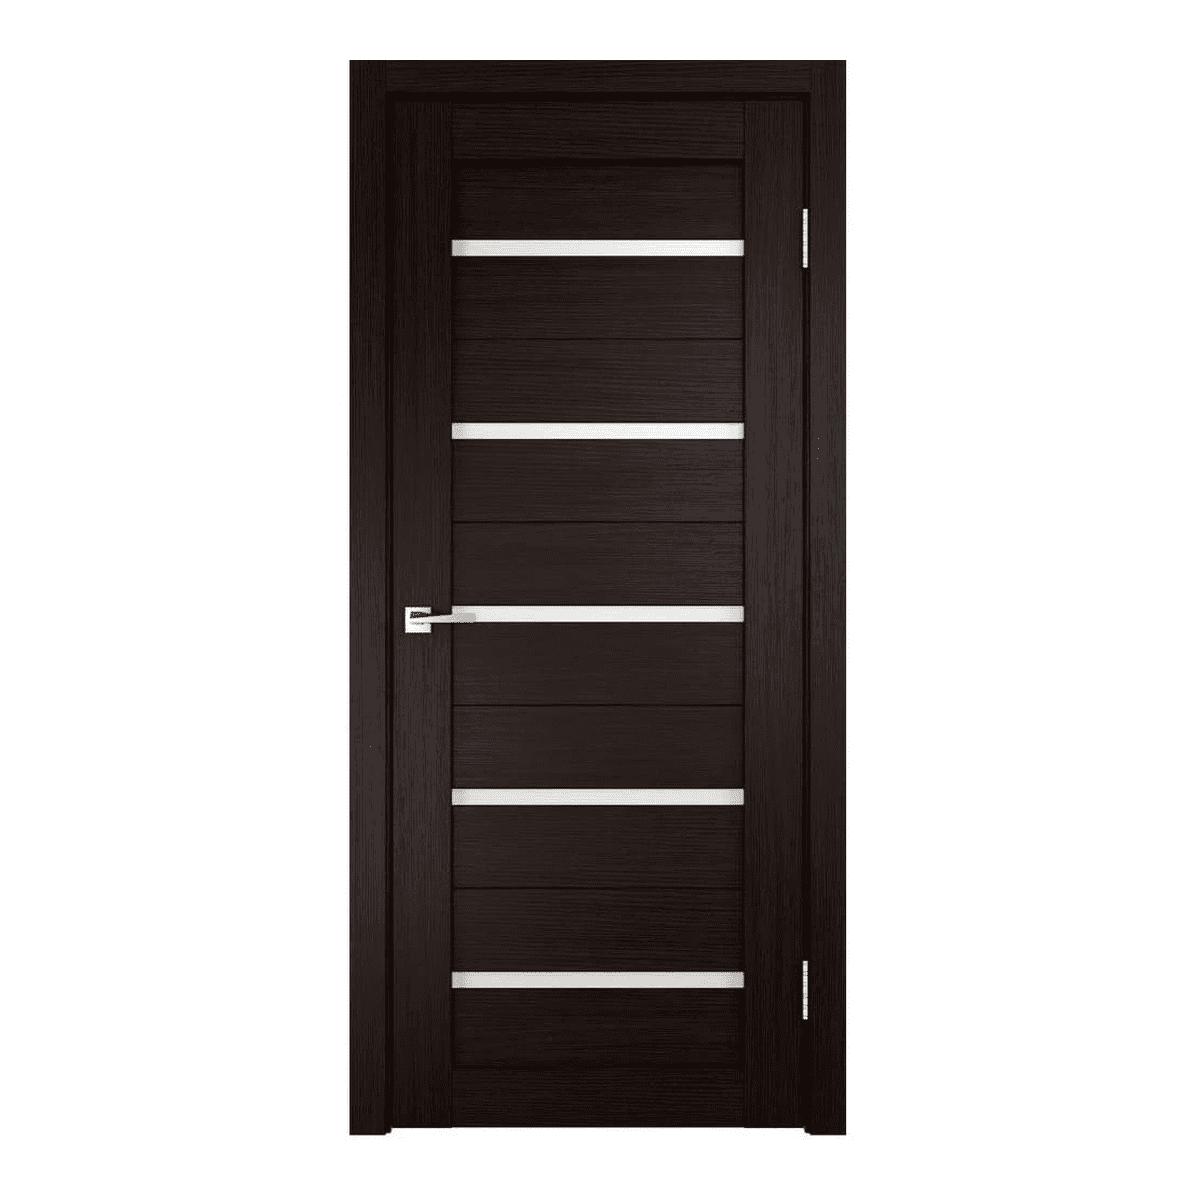 Дверное полотно DUPLEX венге мателюкс 800*2000